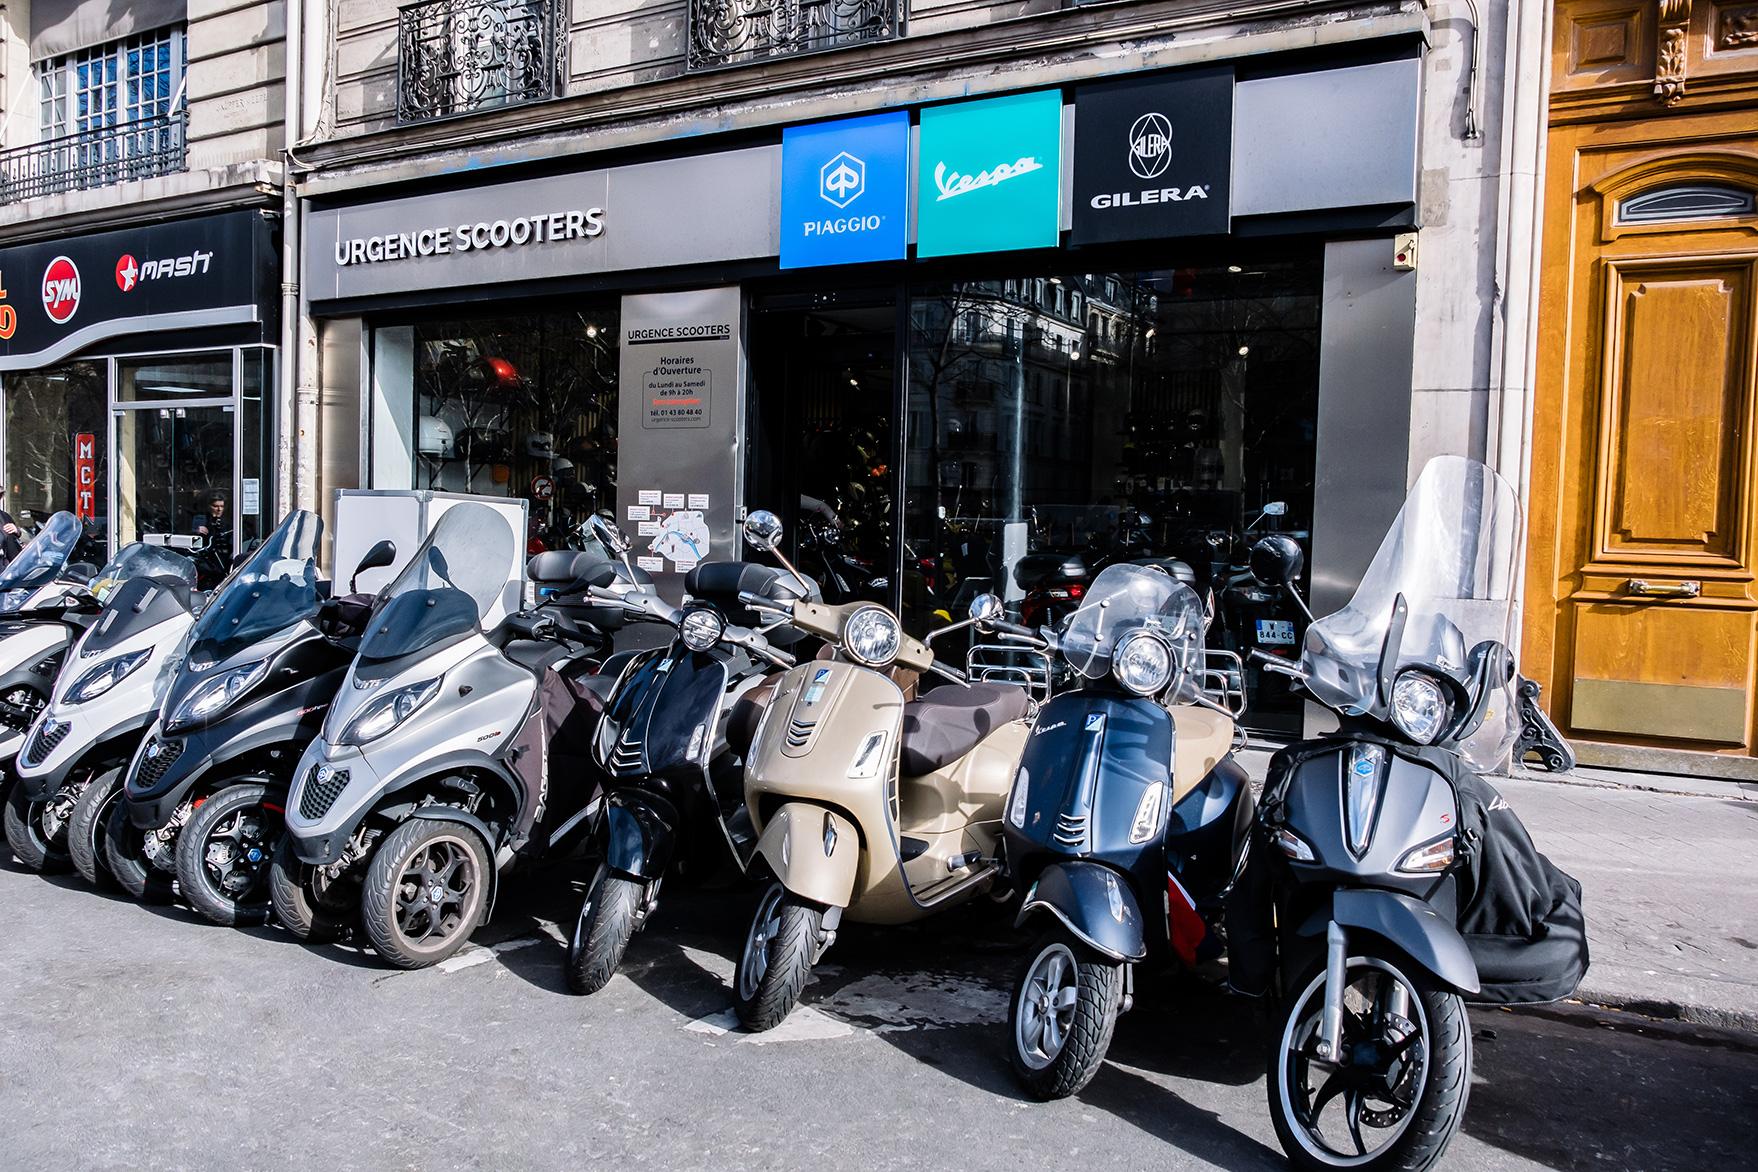 urgence-scooter-etoile-015